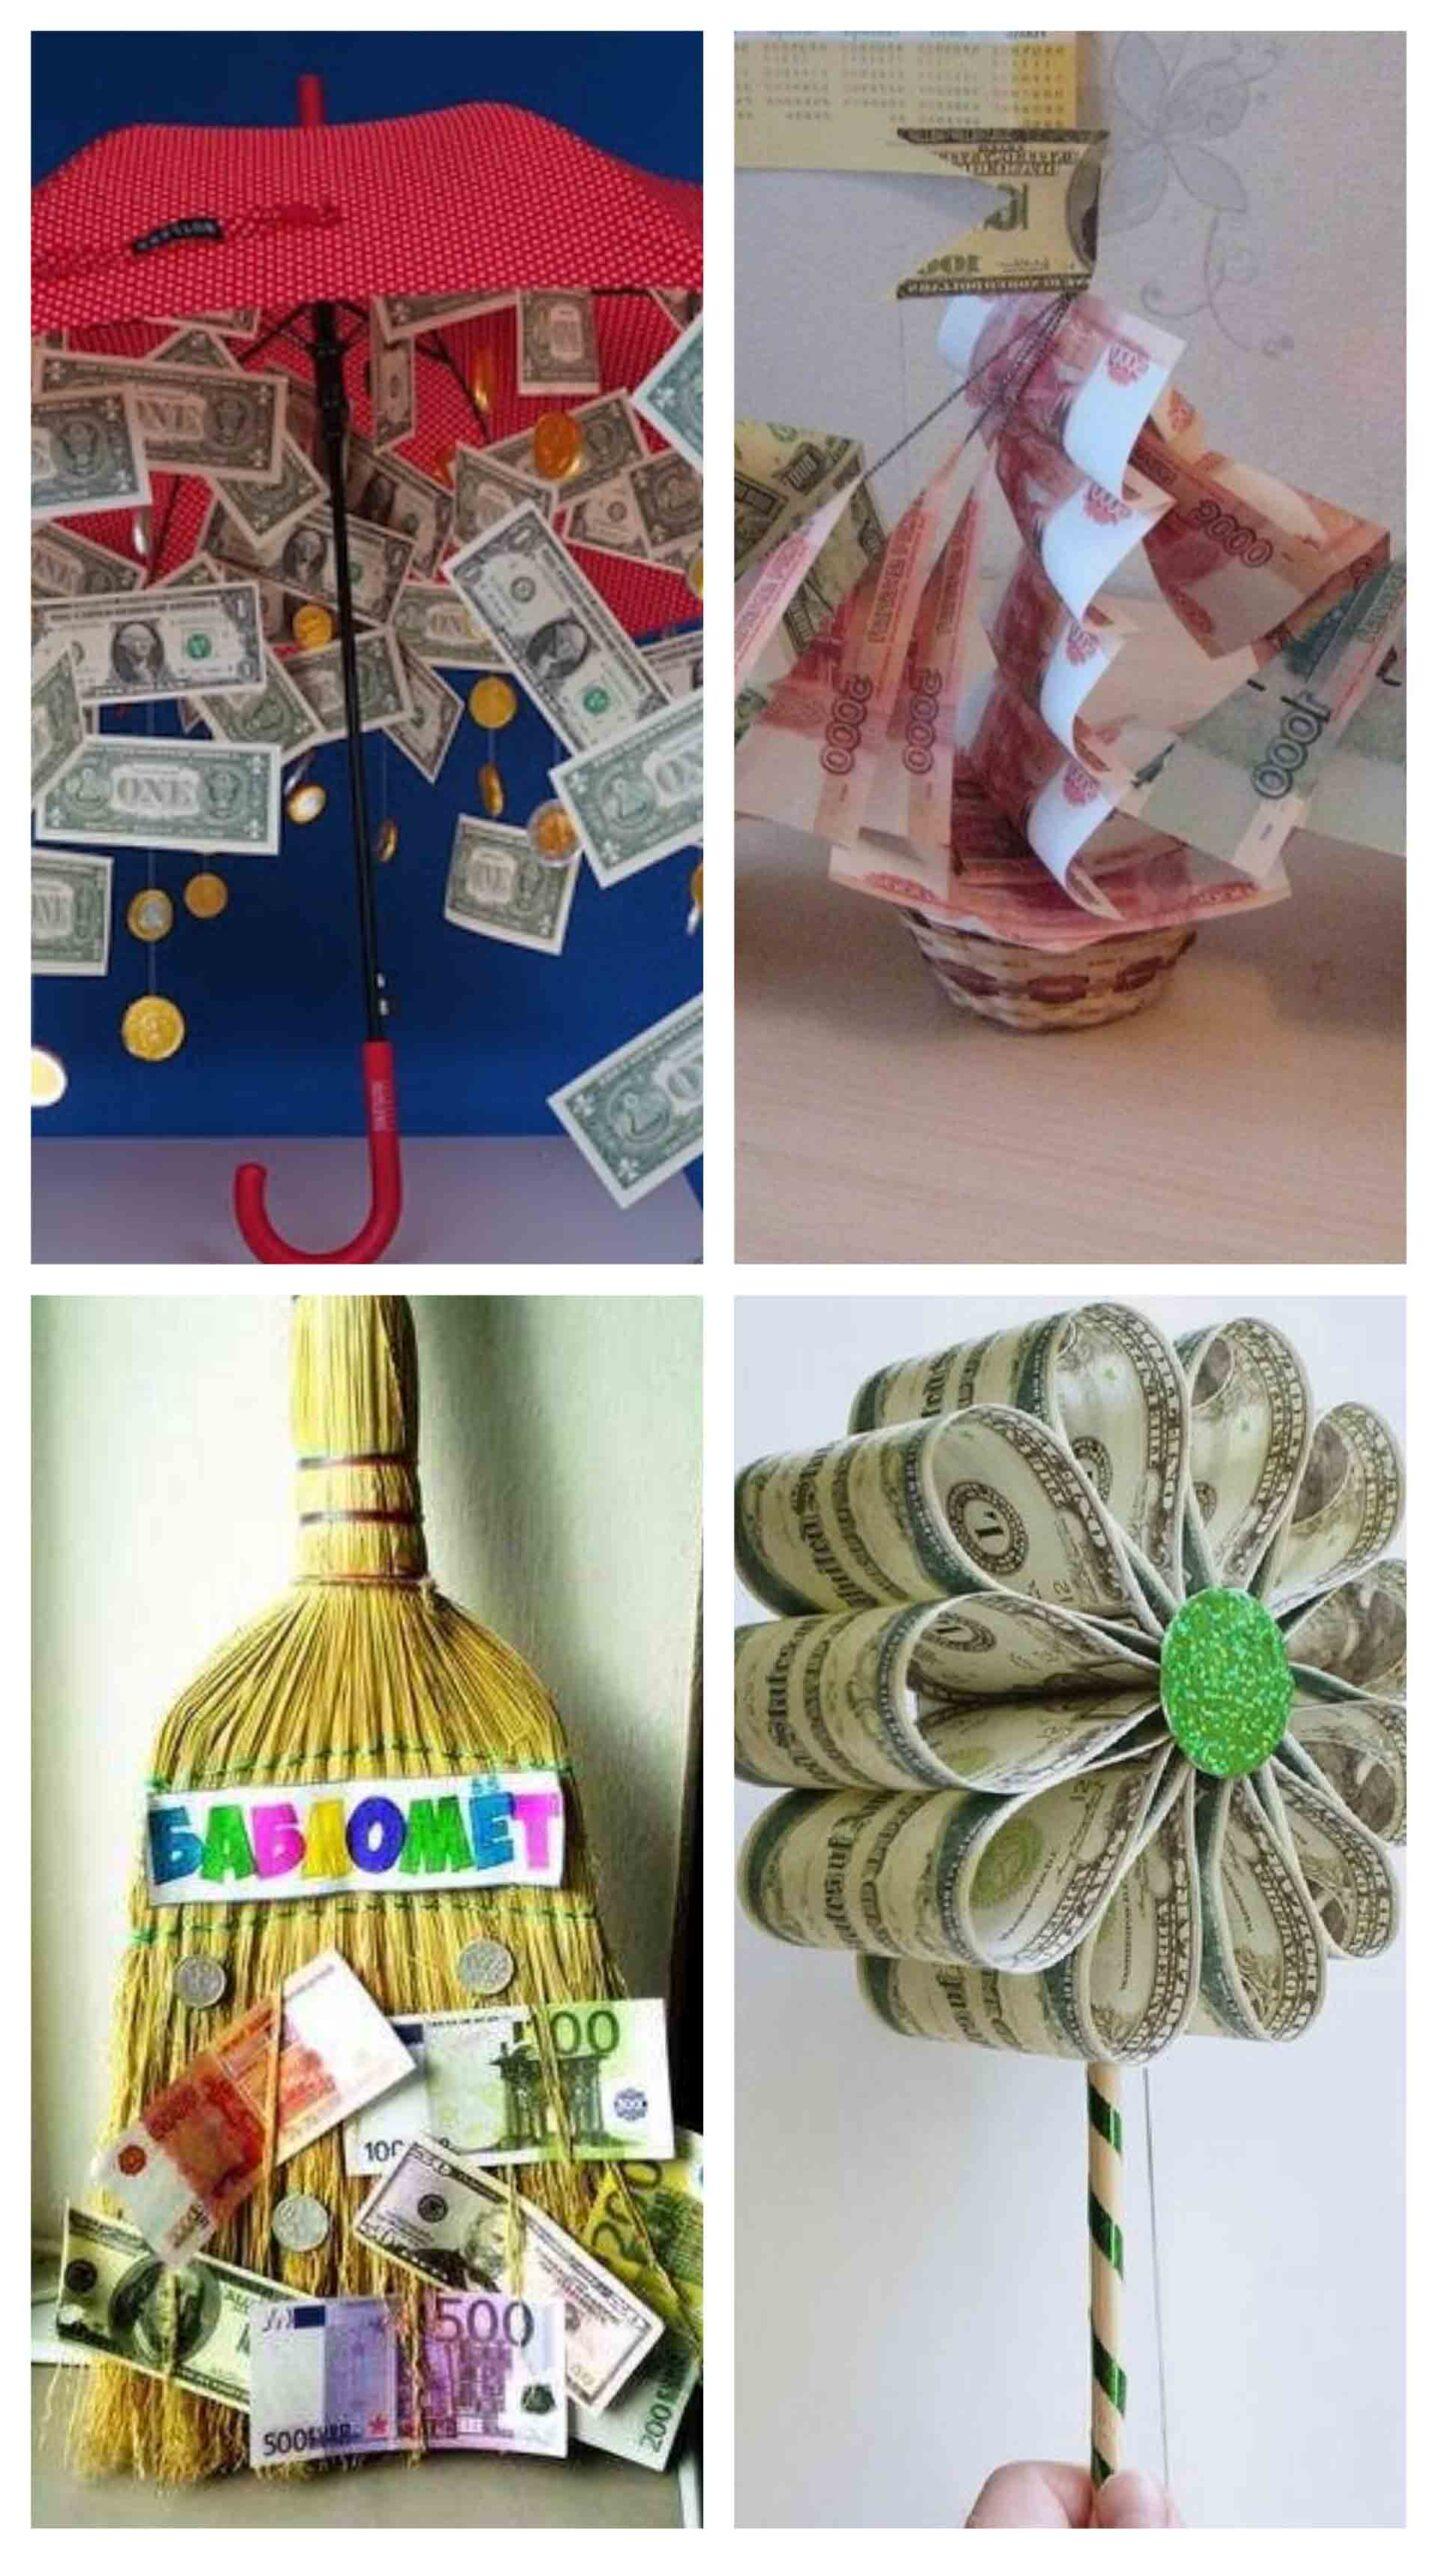 как подарить деньги на свадьбе, как дарить деньги молодоженам, подарок деньгами на свадьбе, как подарить деньги оригинально на свадьбе, идеи как дарить деньги на свадьбе